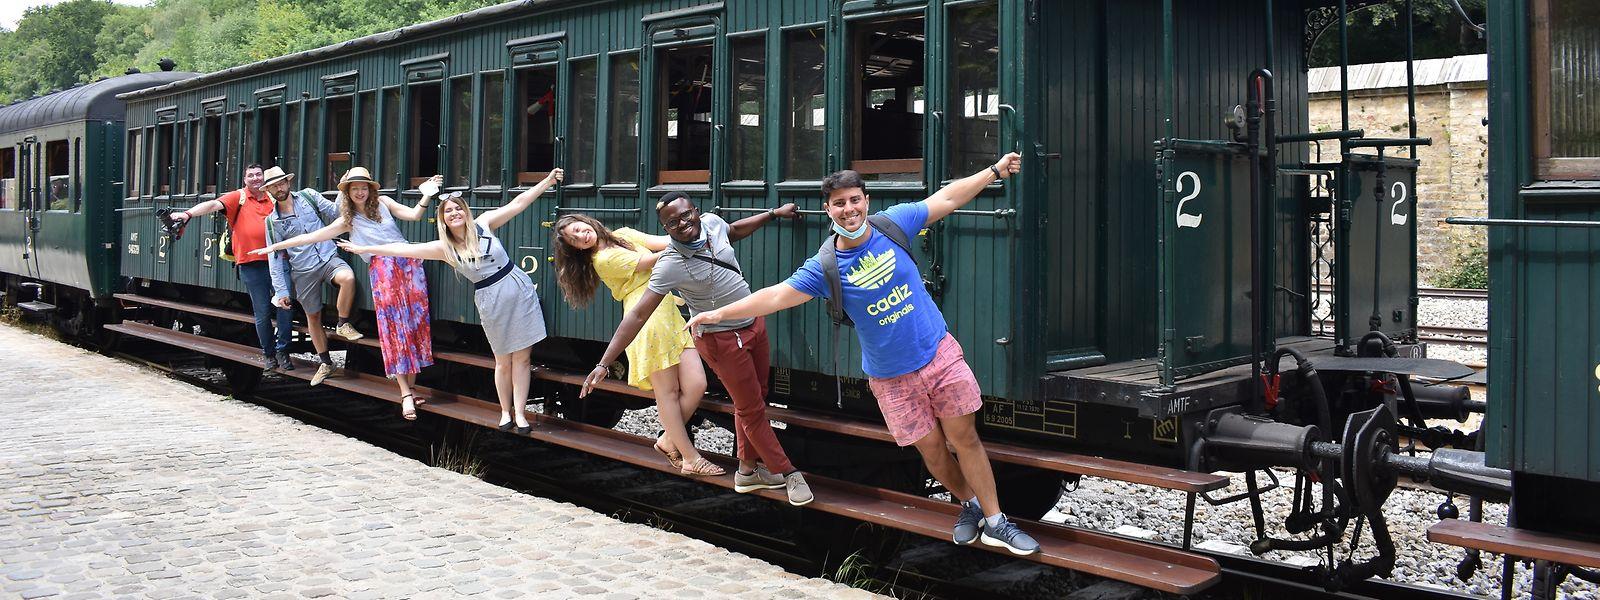 """Im Juli 2020 haben die Studierenden einen Ausflug zum """"Train 1900"""" gemacht. Regelmäßig geht es für die Teilnehmenden samstags an verschiedene Orte im und um das Großherzogtum herum."""